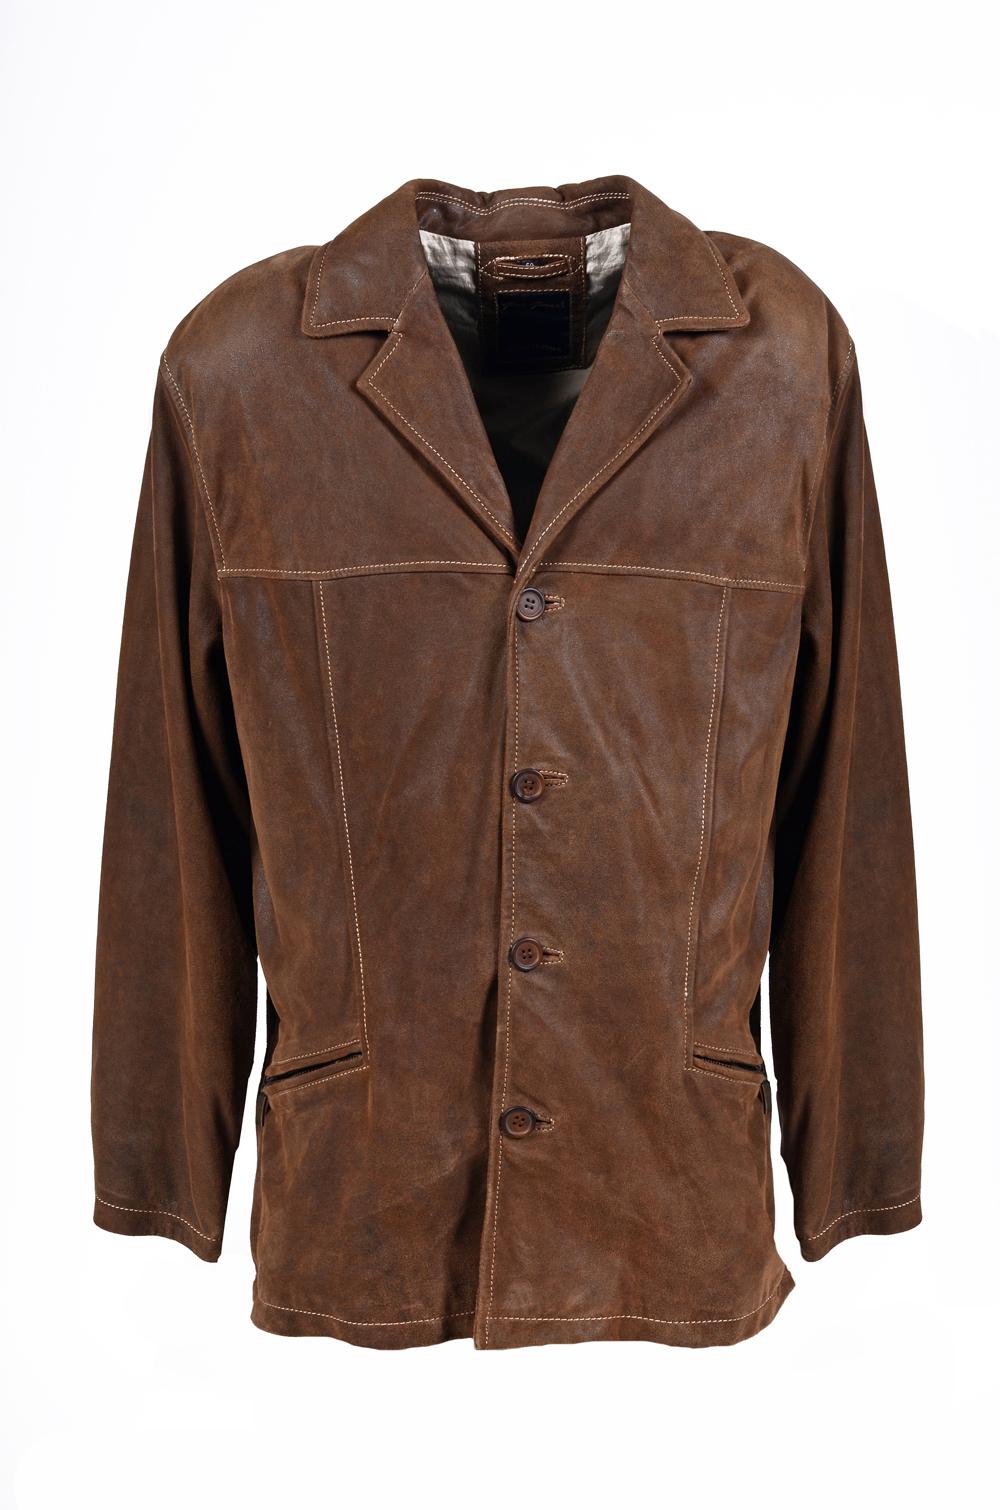 Pánské oděvy   Kožené oděvy   Kožená saka pánská  022f6dfb151